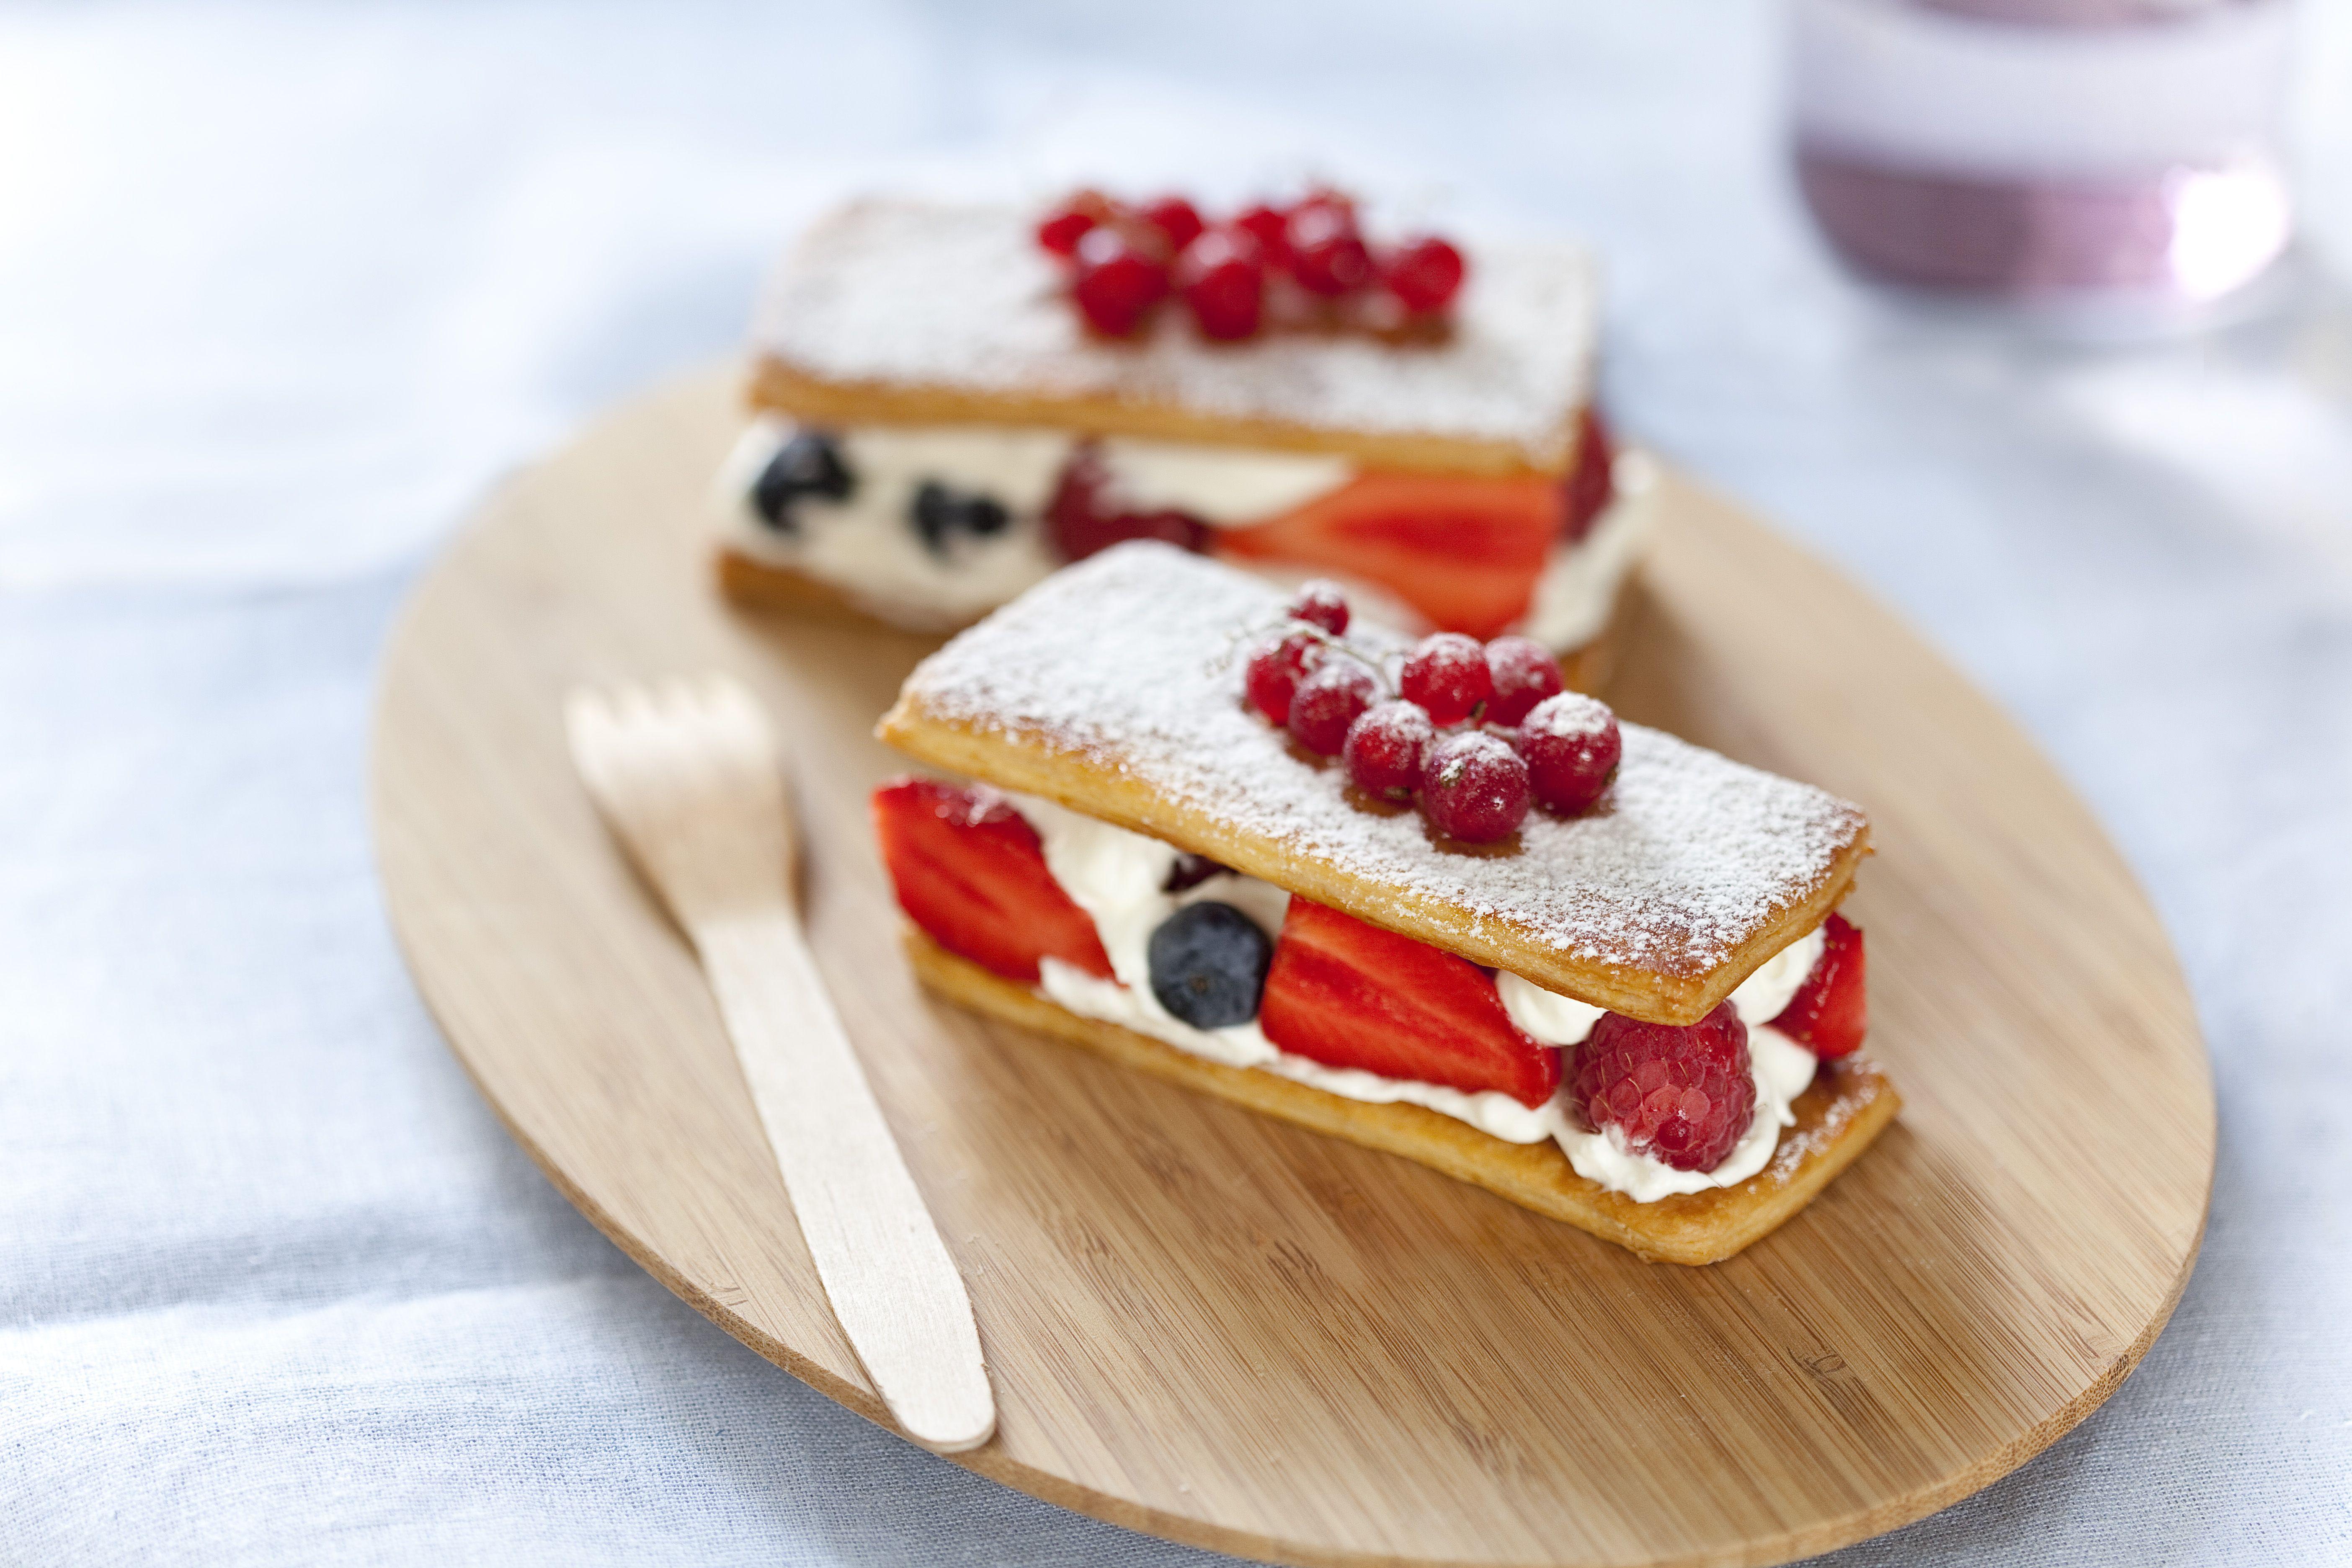 Mille feuilles aux fruits rouges - Retrouvez la recette ici : http://on.fb.me/1qk8V9O